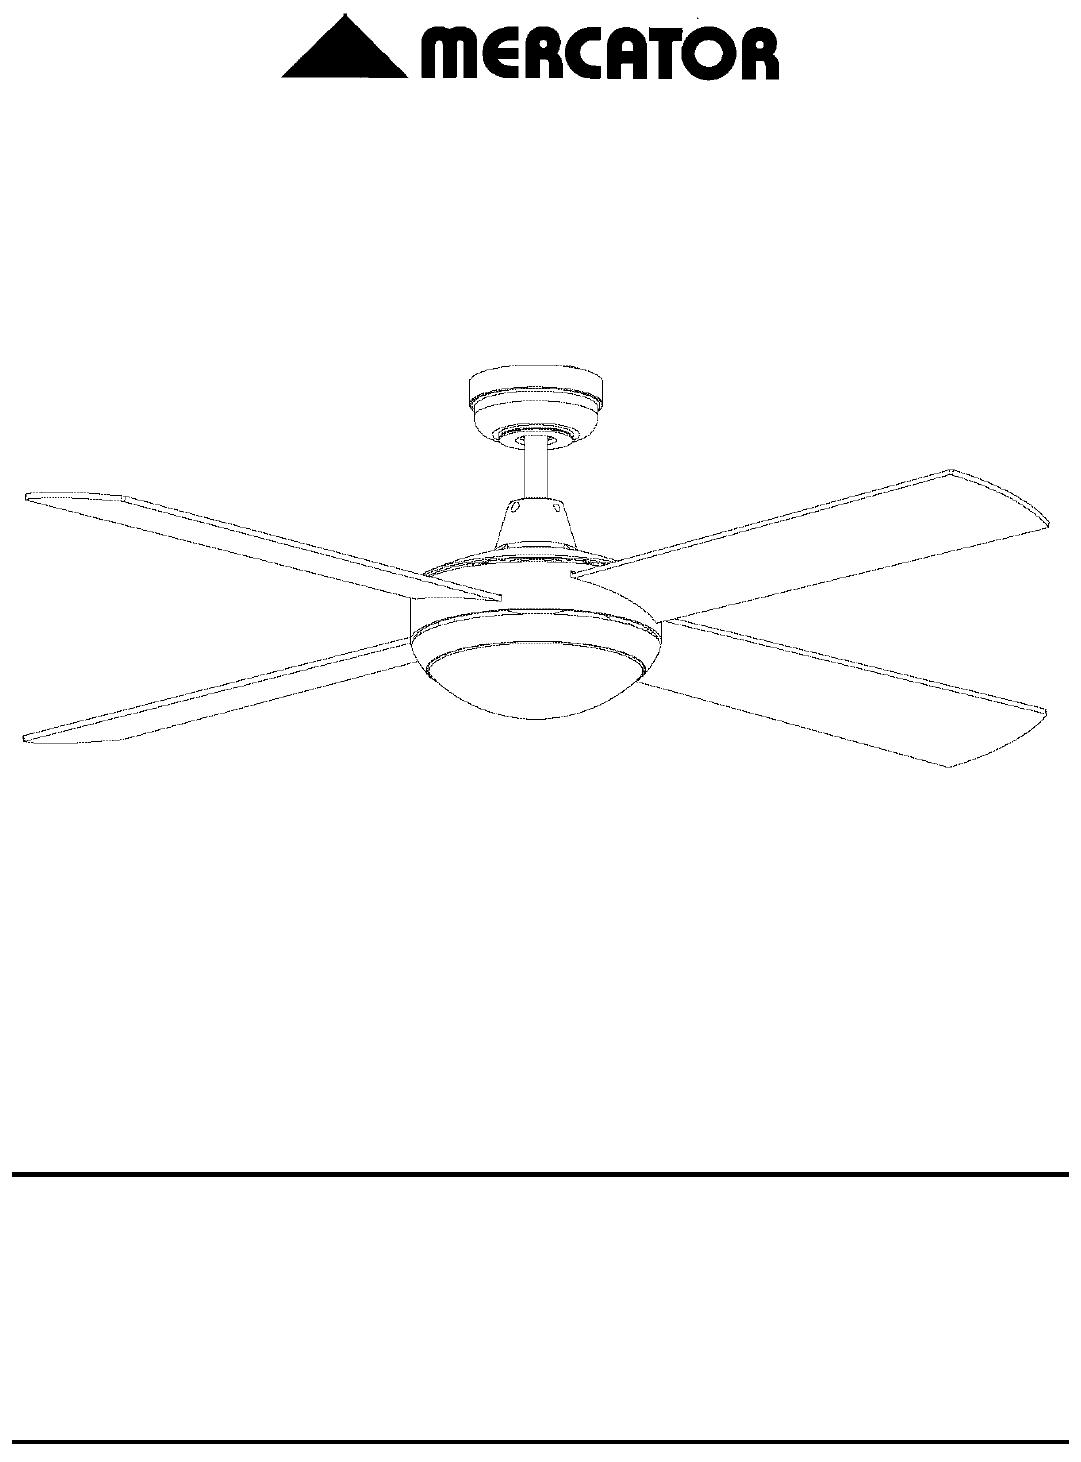 Mercator Ceiling Fan Wiring Diagram from usermanual.wiki